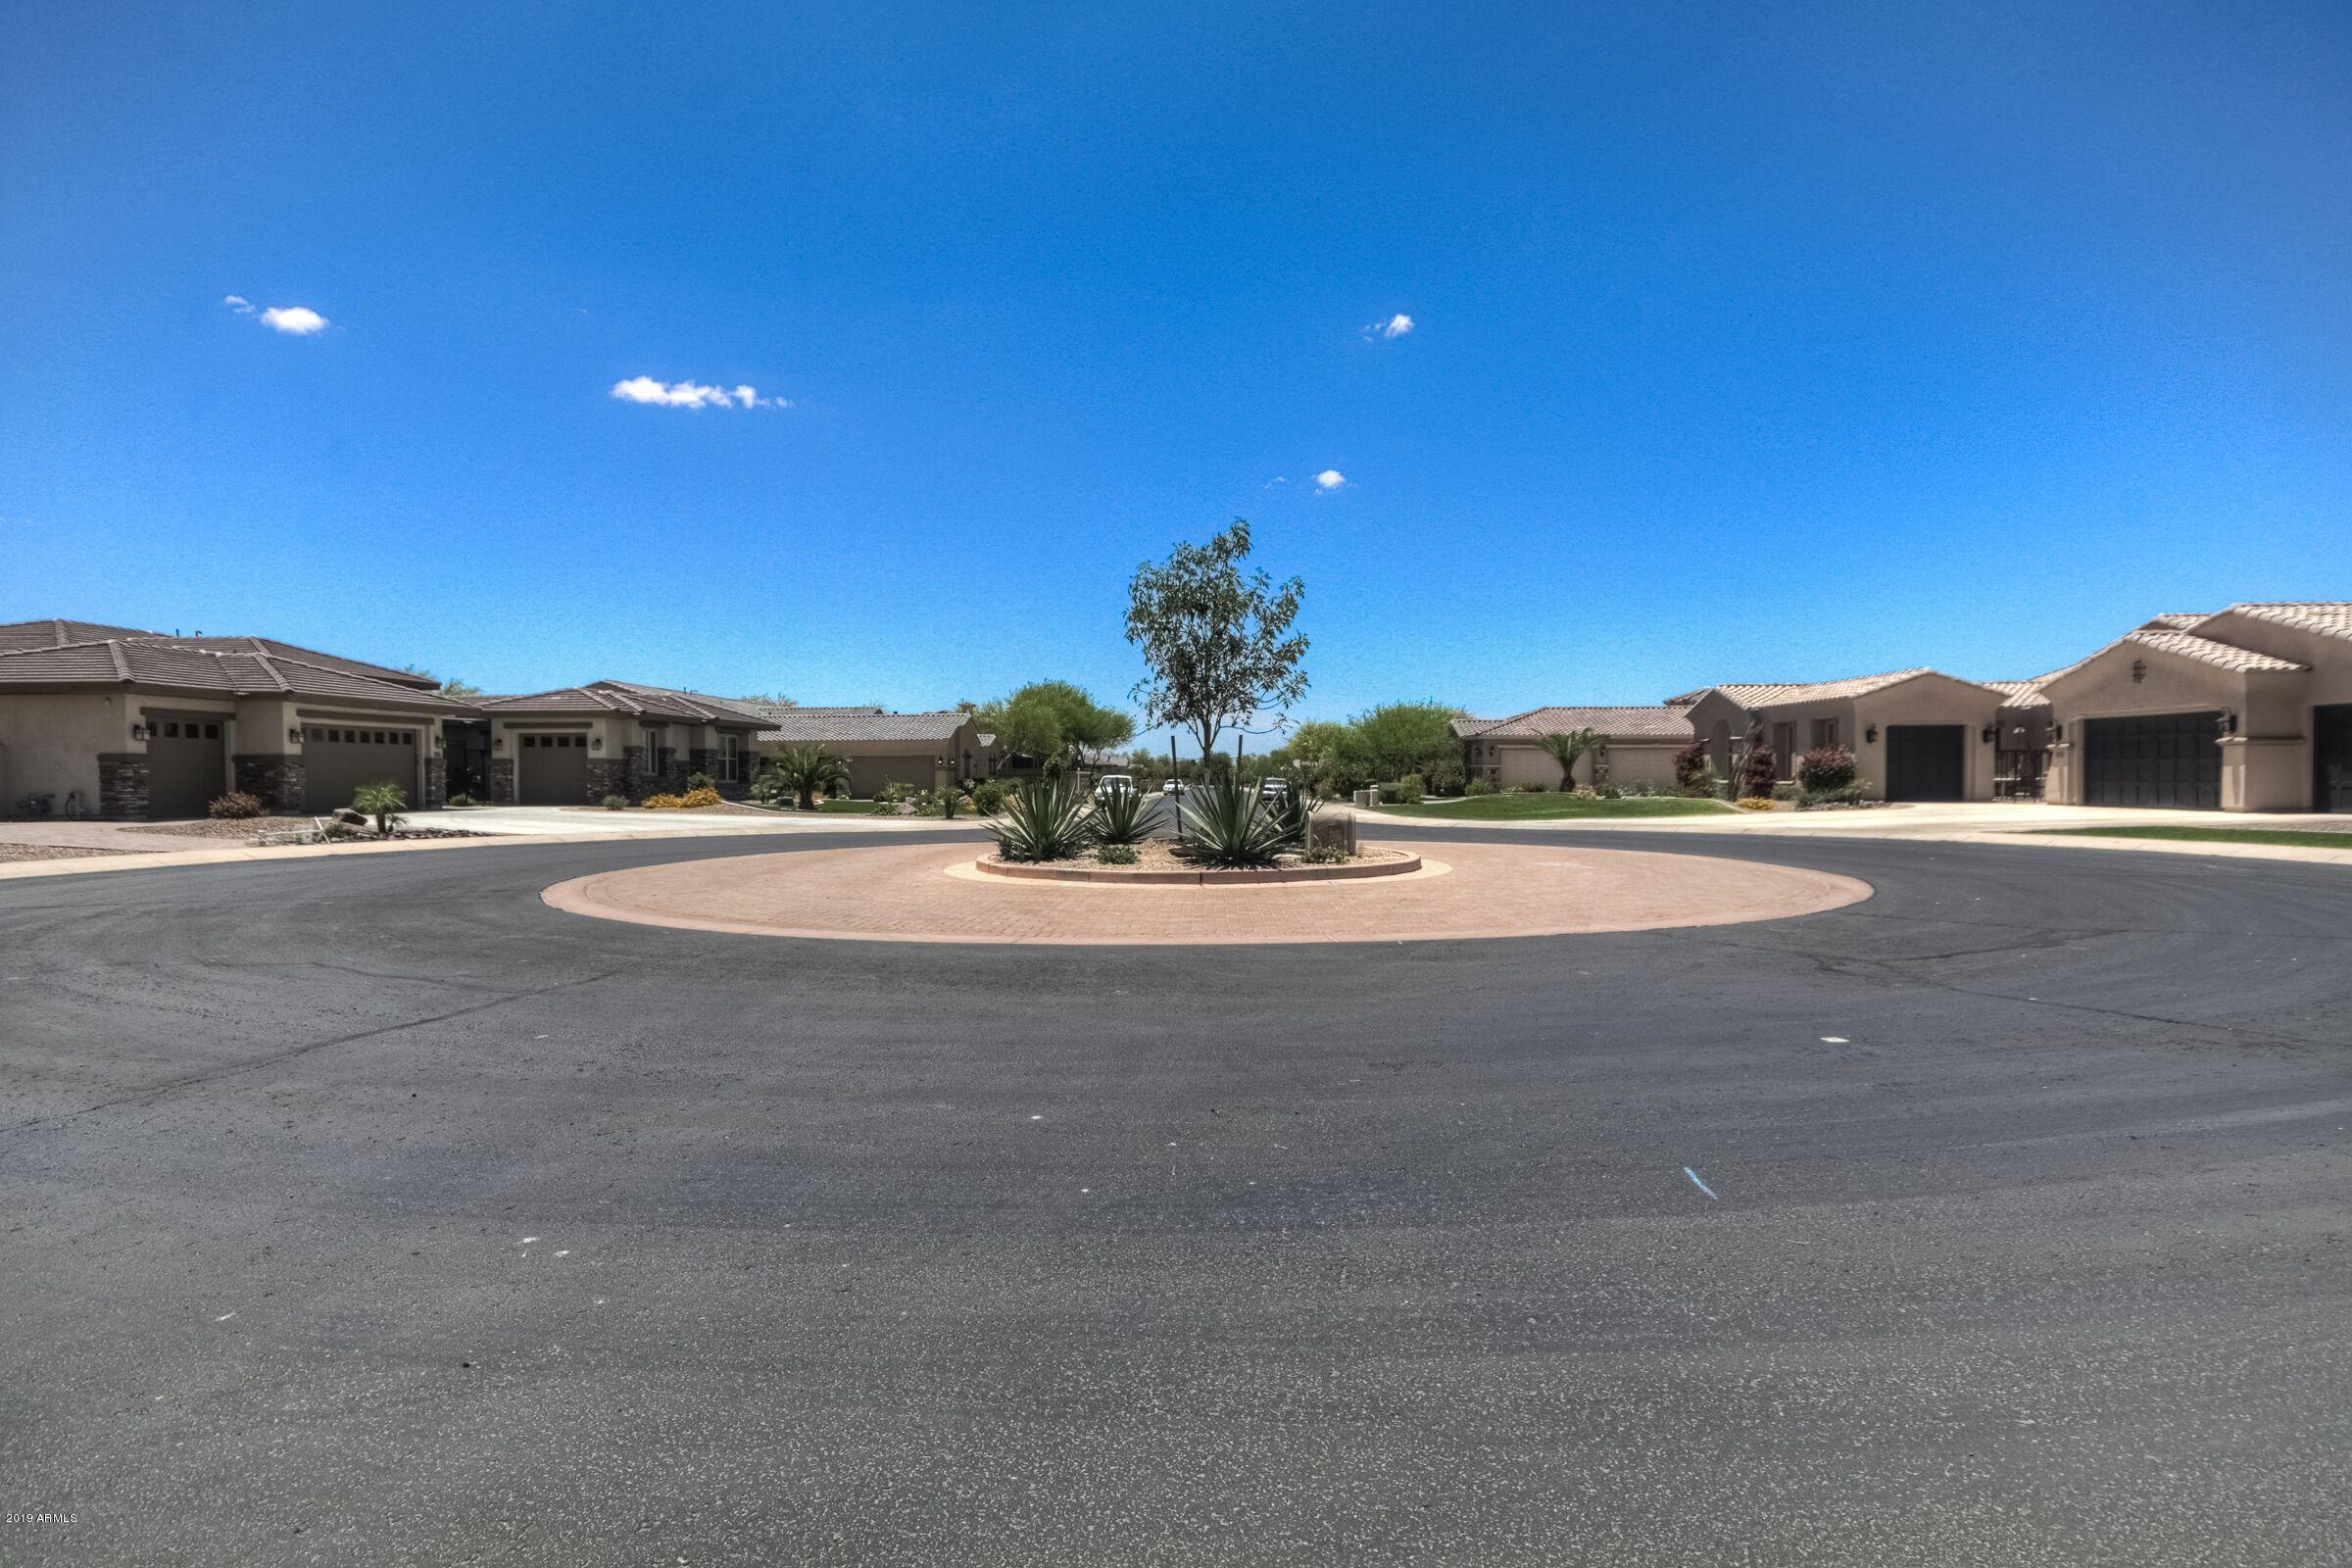 MLS 5937610 3135 E BLACKHAWK Court, Gilbert, AZ 85298 Gilbert AZ Newly Built